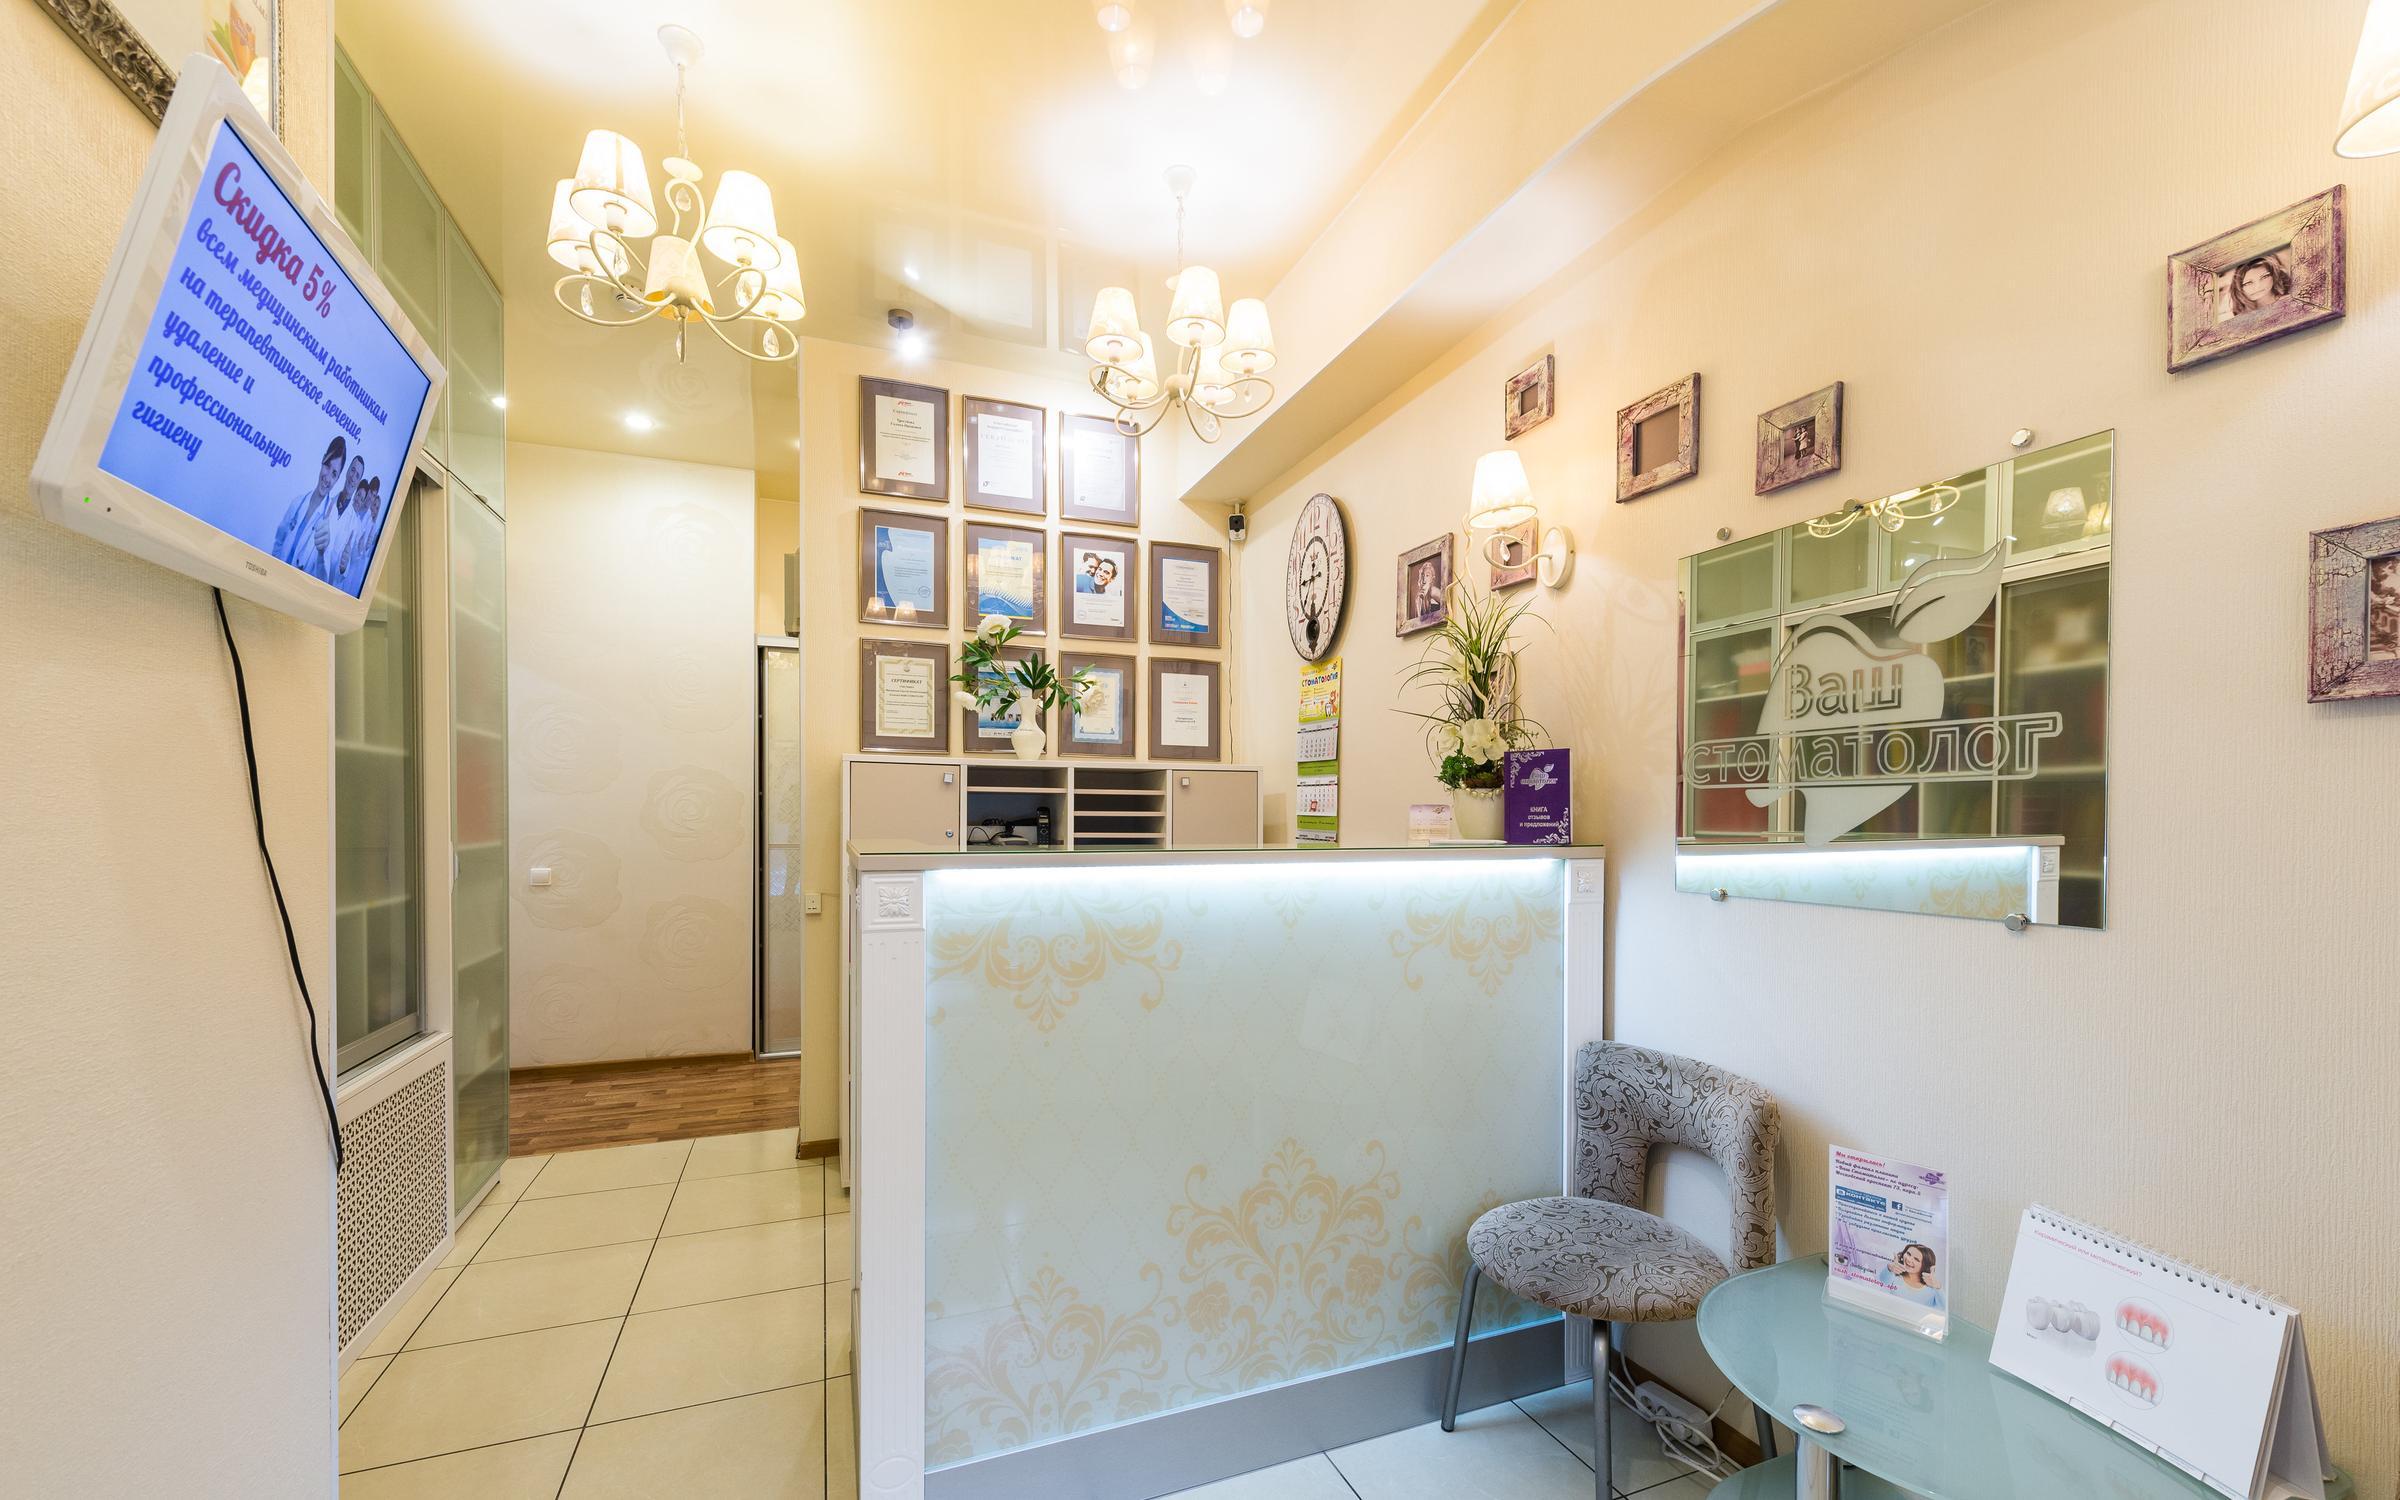 фотография Клиники Ваш стоматолог на Ленинском проспекте